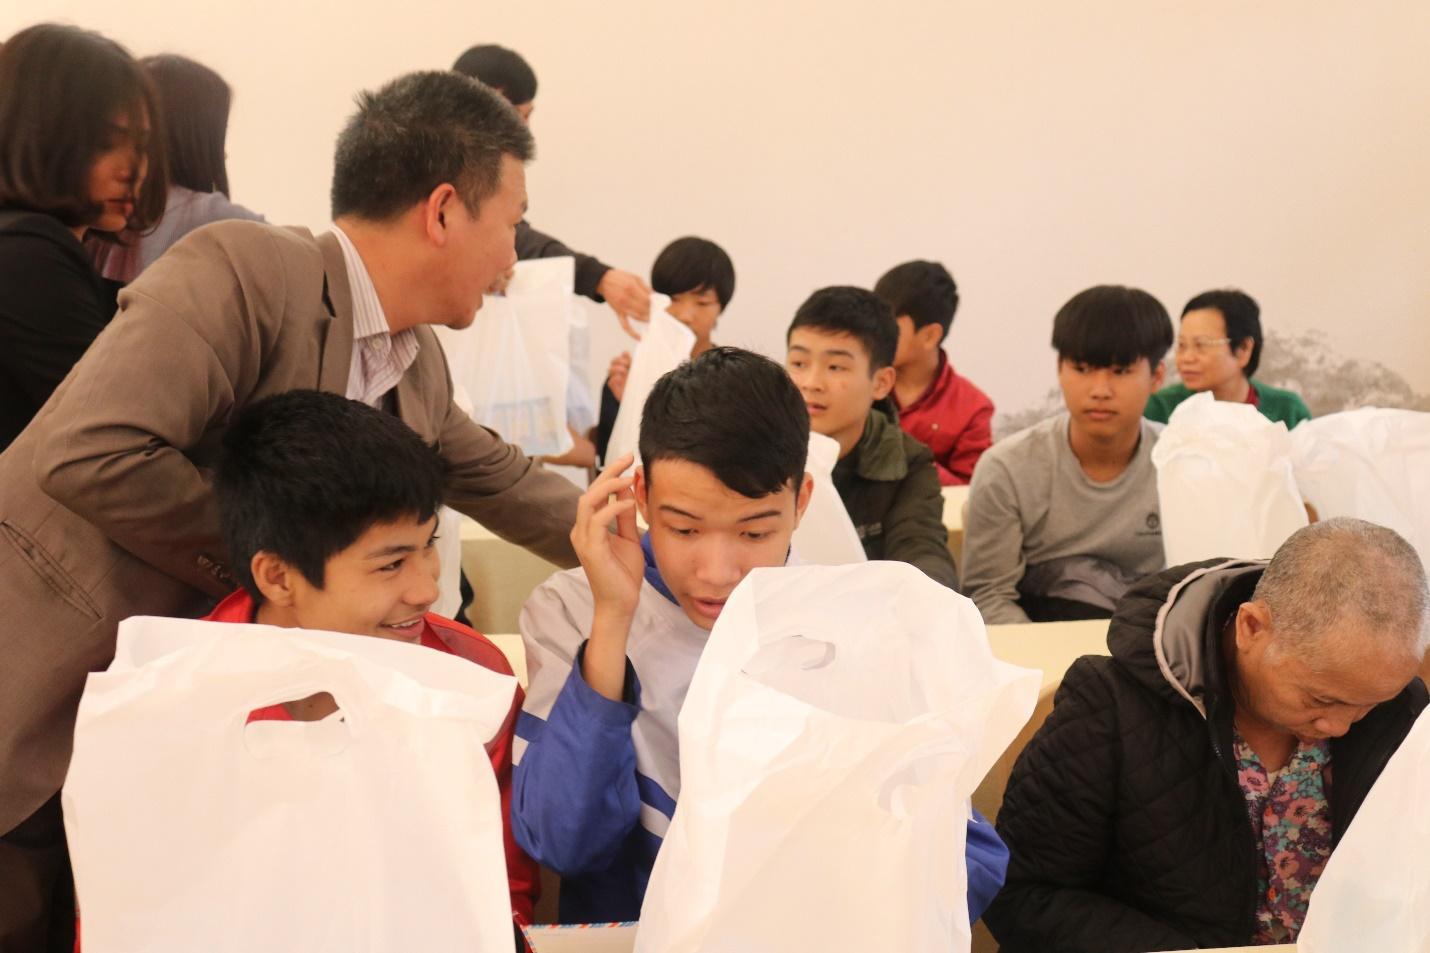 E:thông tin DNmaccatặng quà tại Hà NambàiIMG_1079.JPG